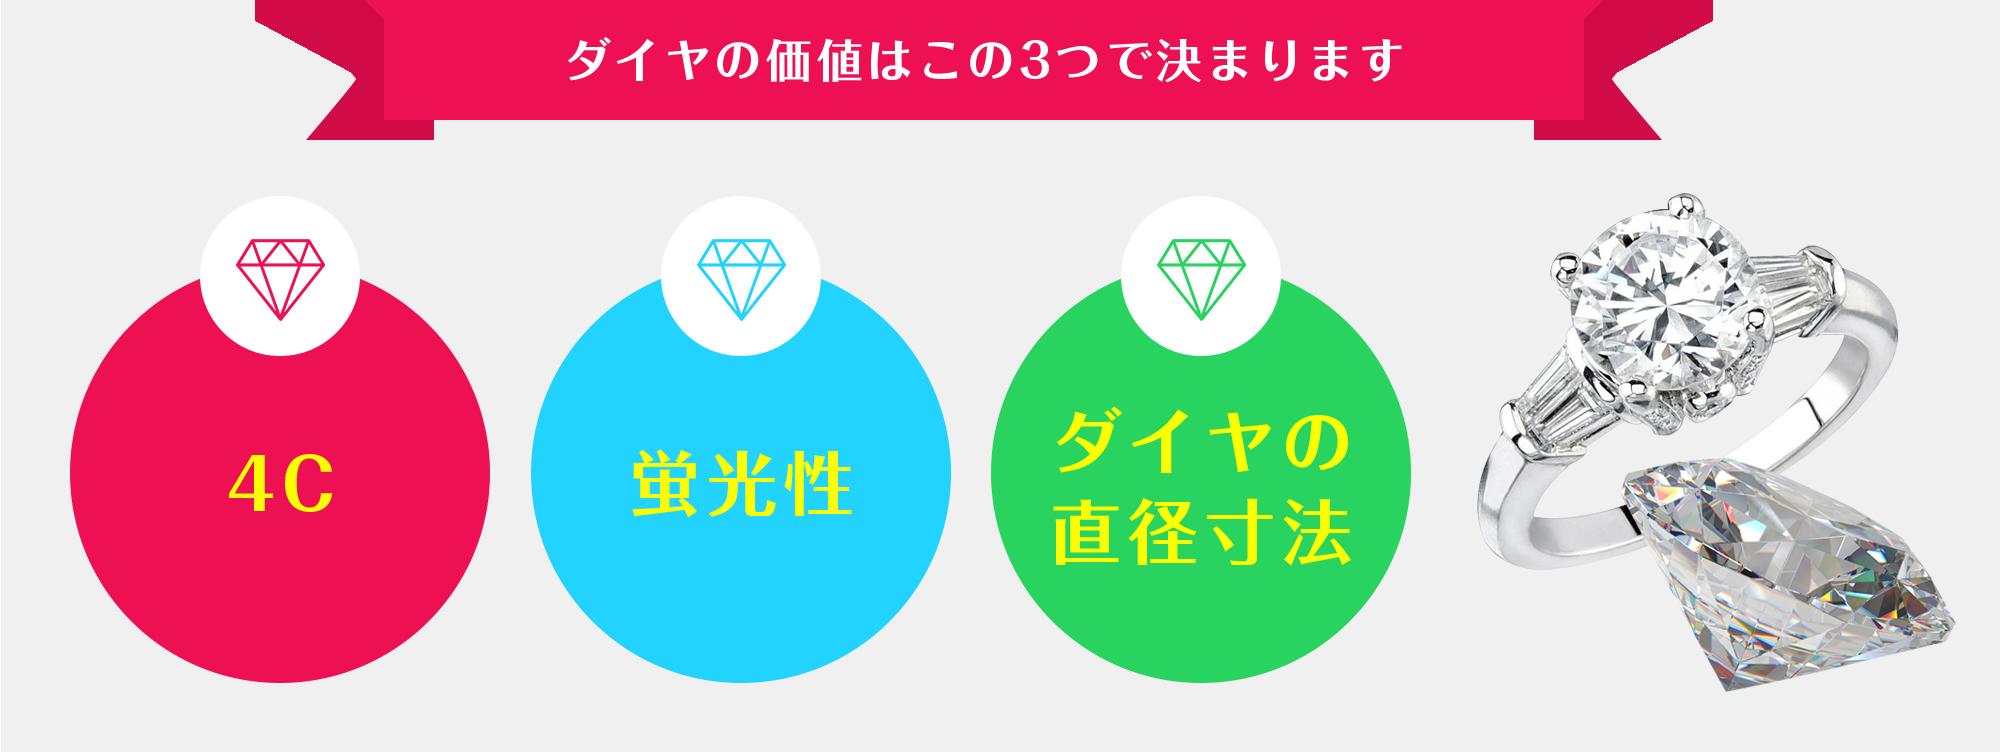 ダイヤの価値はこの3つで決まります